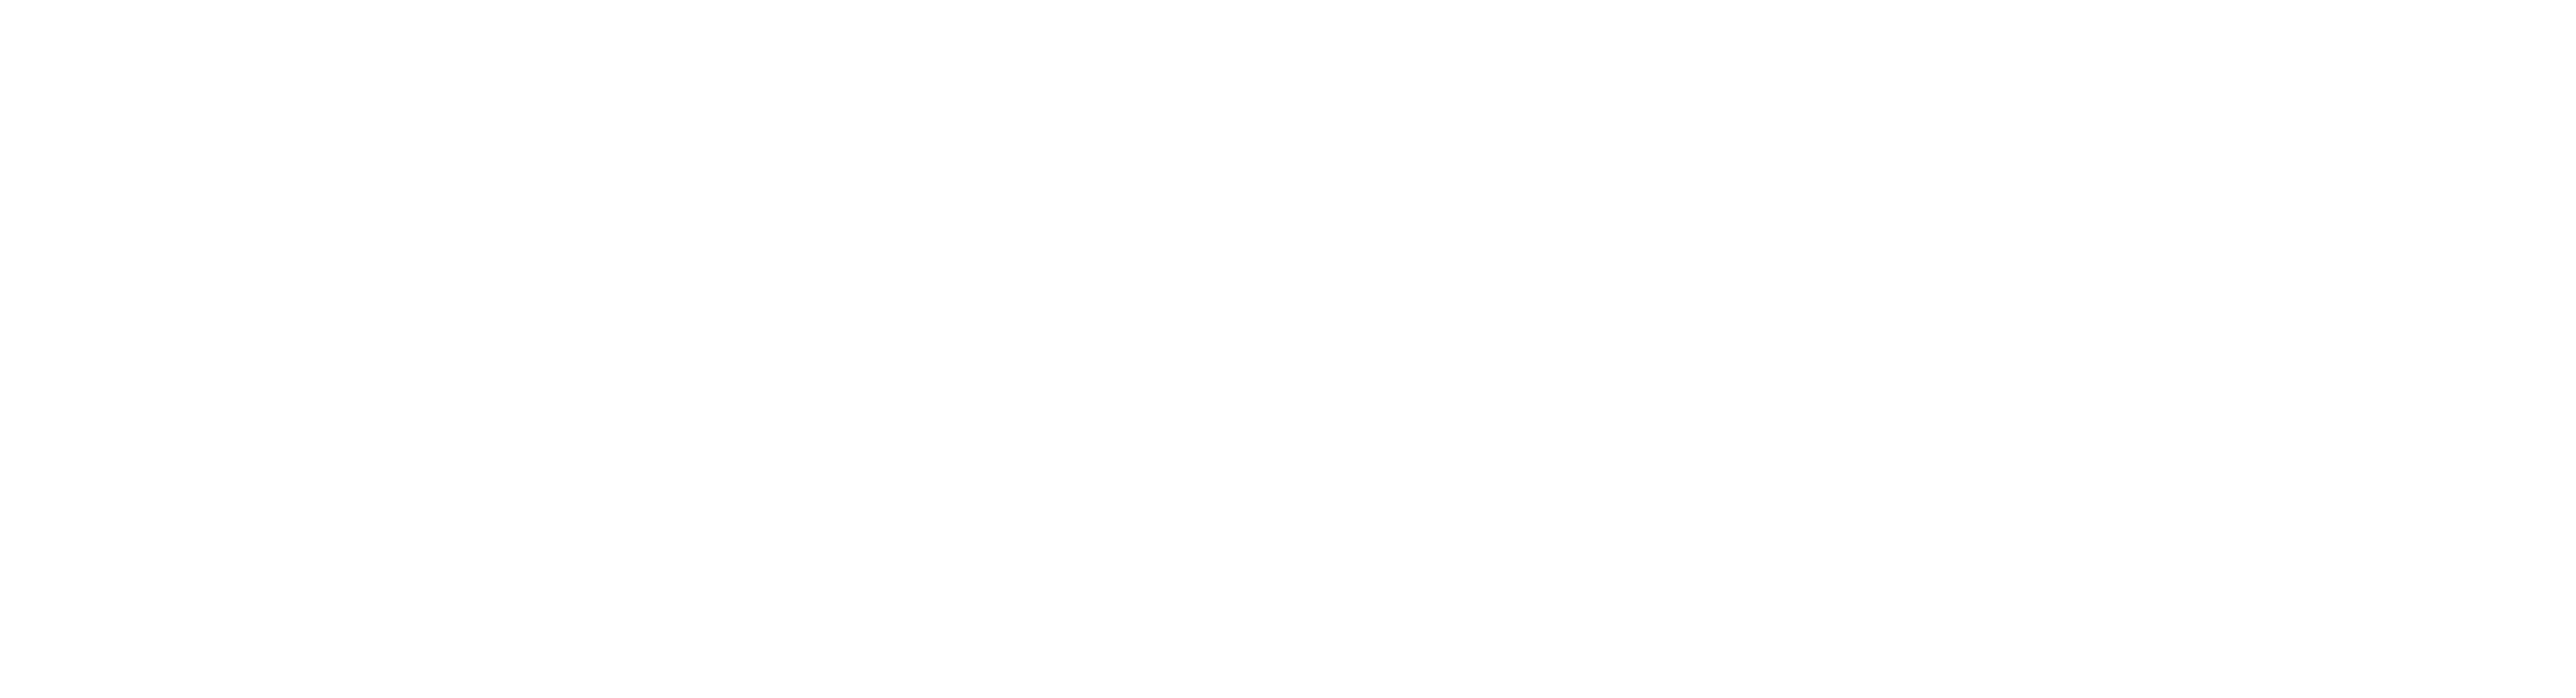 Equinox Industries